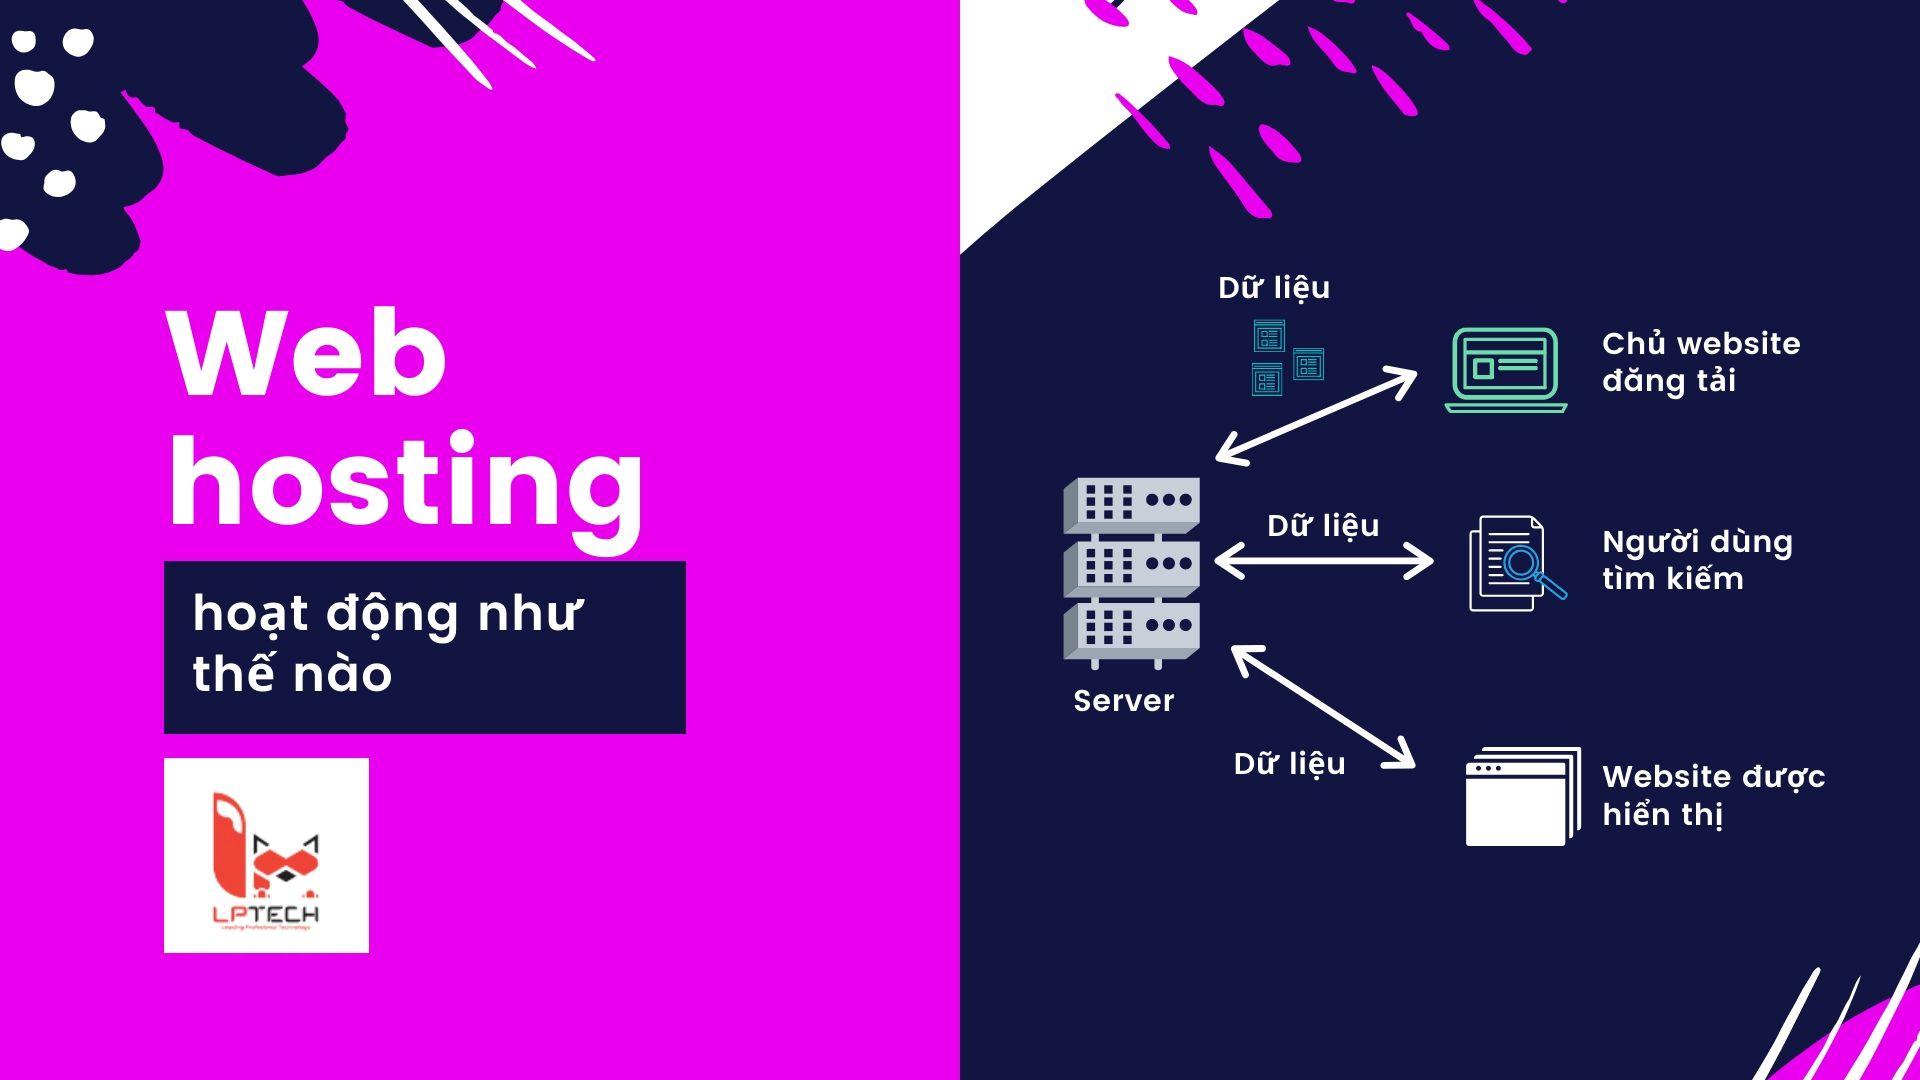 Web hosting vận hành như thế nào